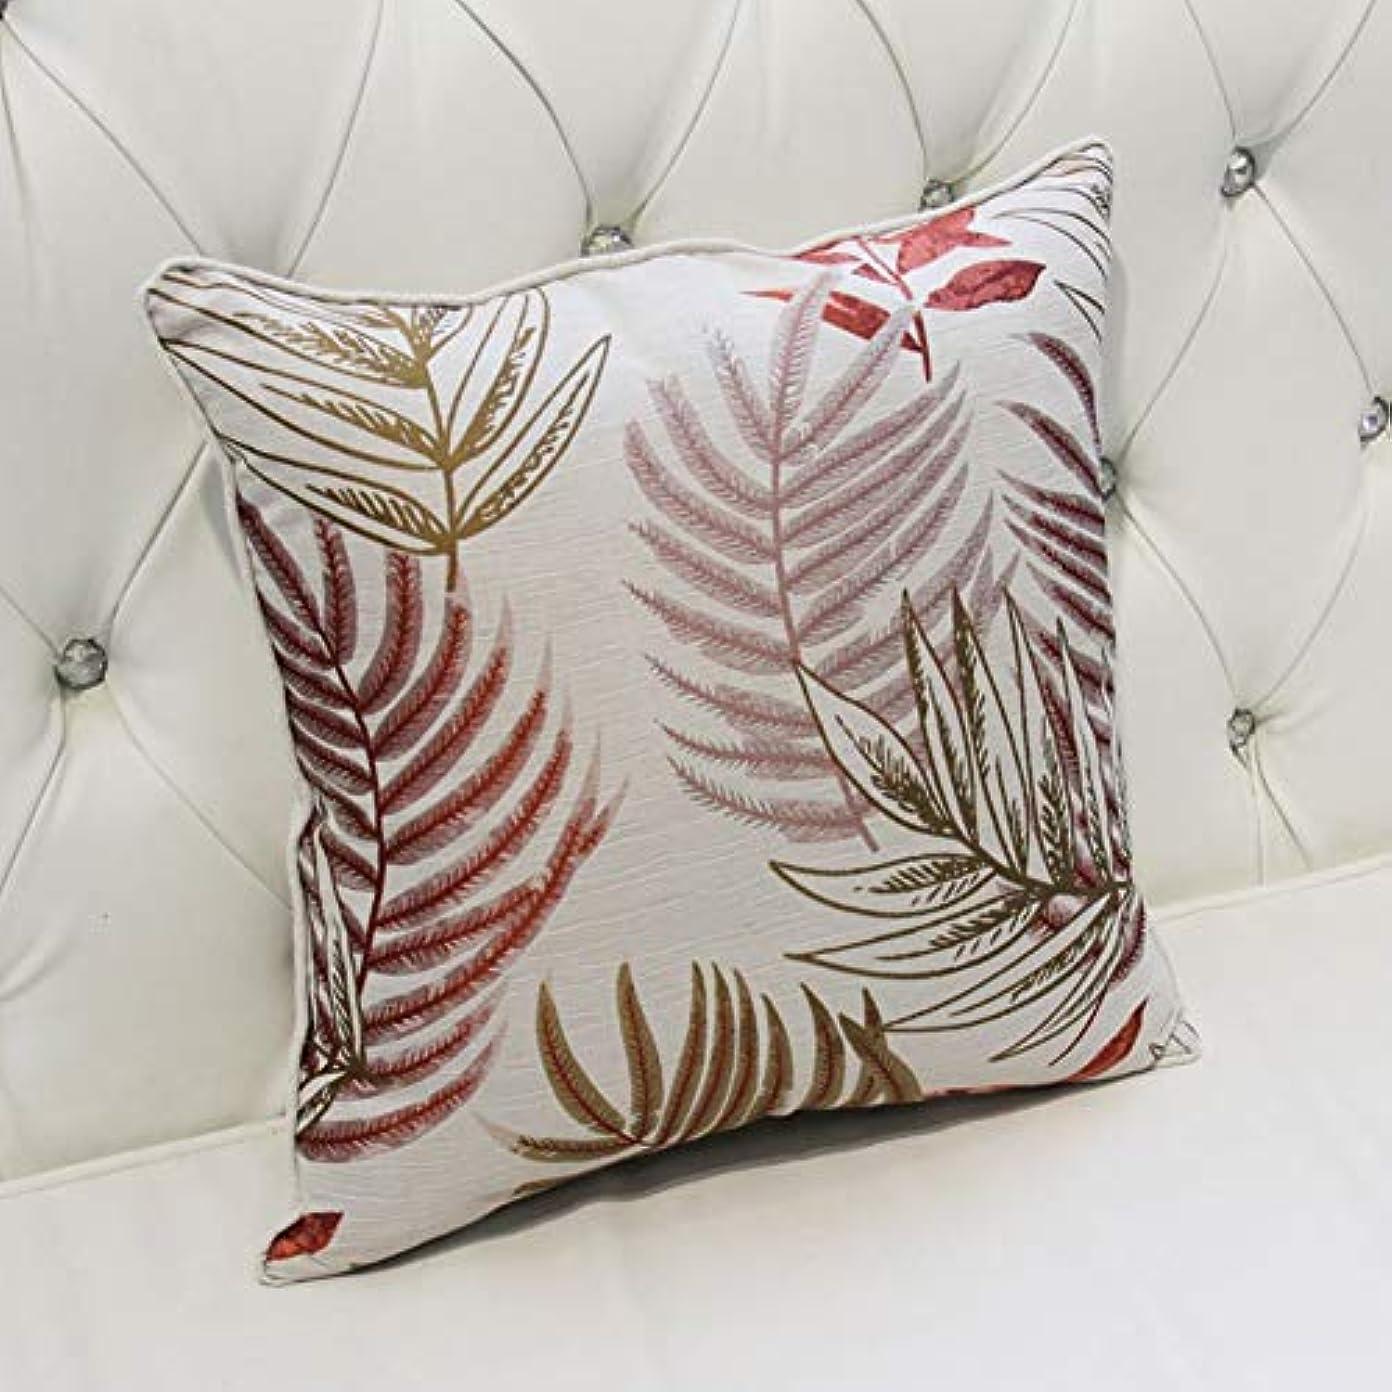 スペシャリスト迷路アンカー18-AnyzhanTrade 枕カバー綿のソファ枕椅子ベッドサイドウエスト枕 (Color : Style 3)